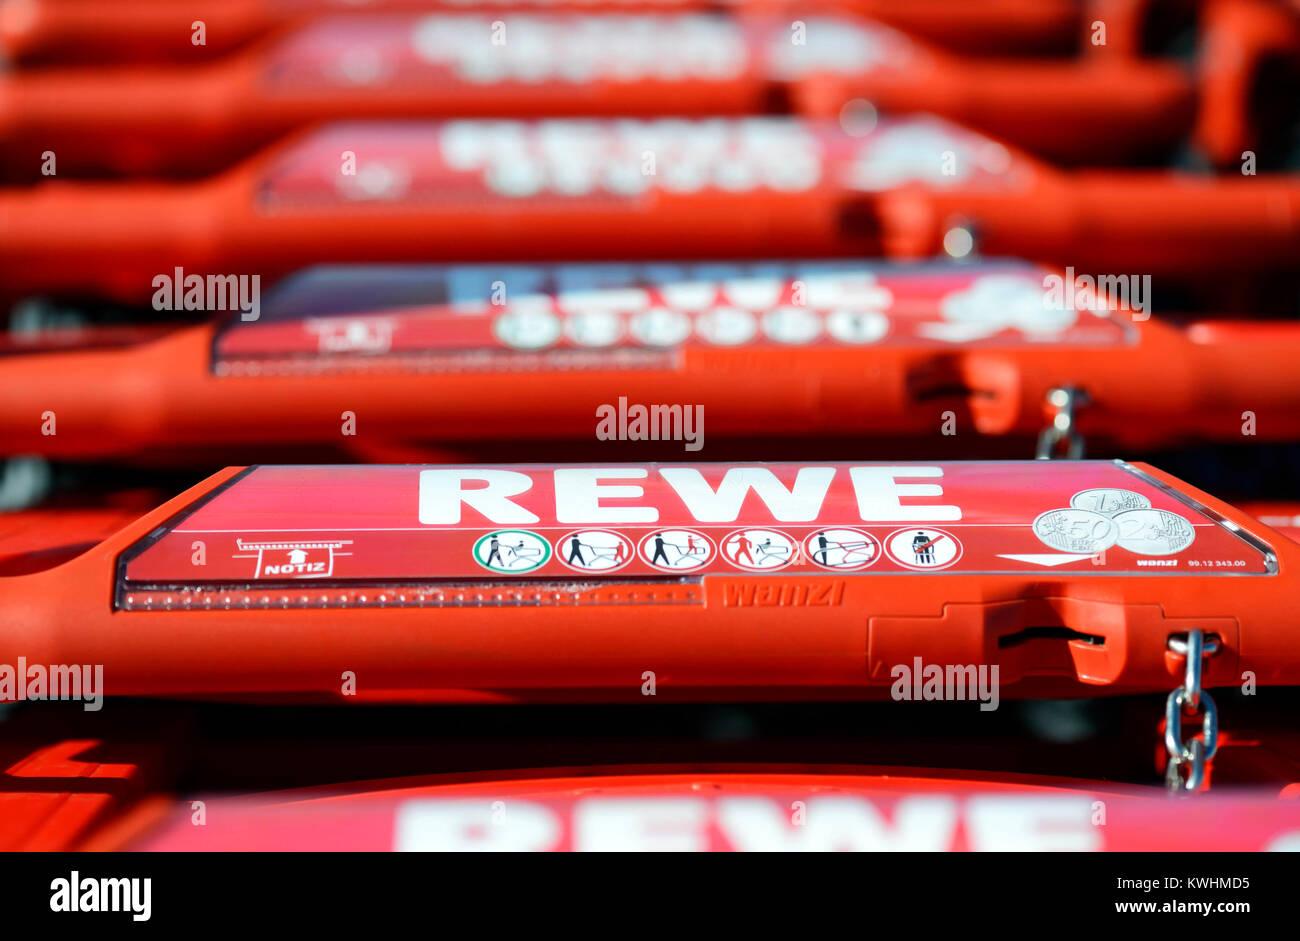 Shopping carts of Rewe, Einkaufswagen von Rewe - Stock Image